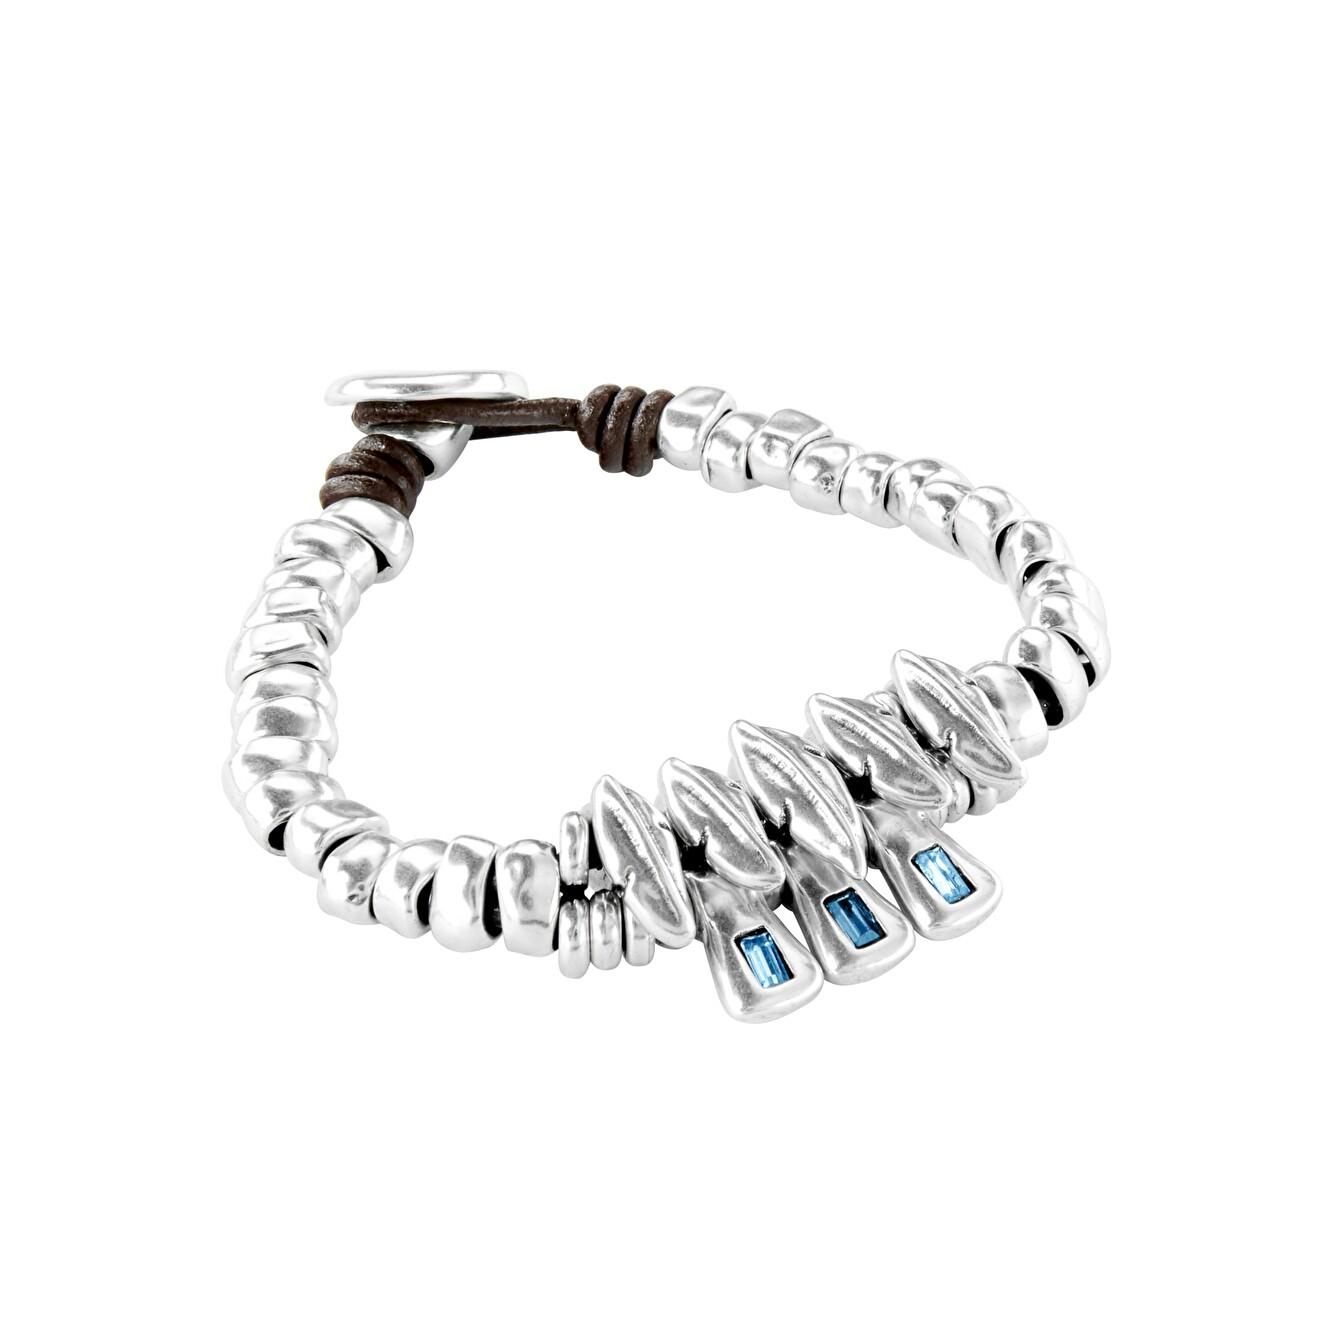 Unode50 Браслет «Sparks fly» с синими кристаллами, покрытый серебром